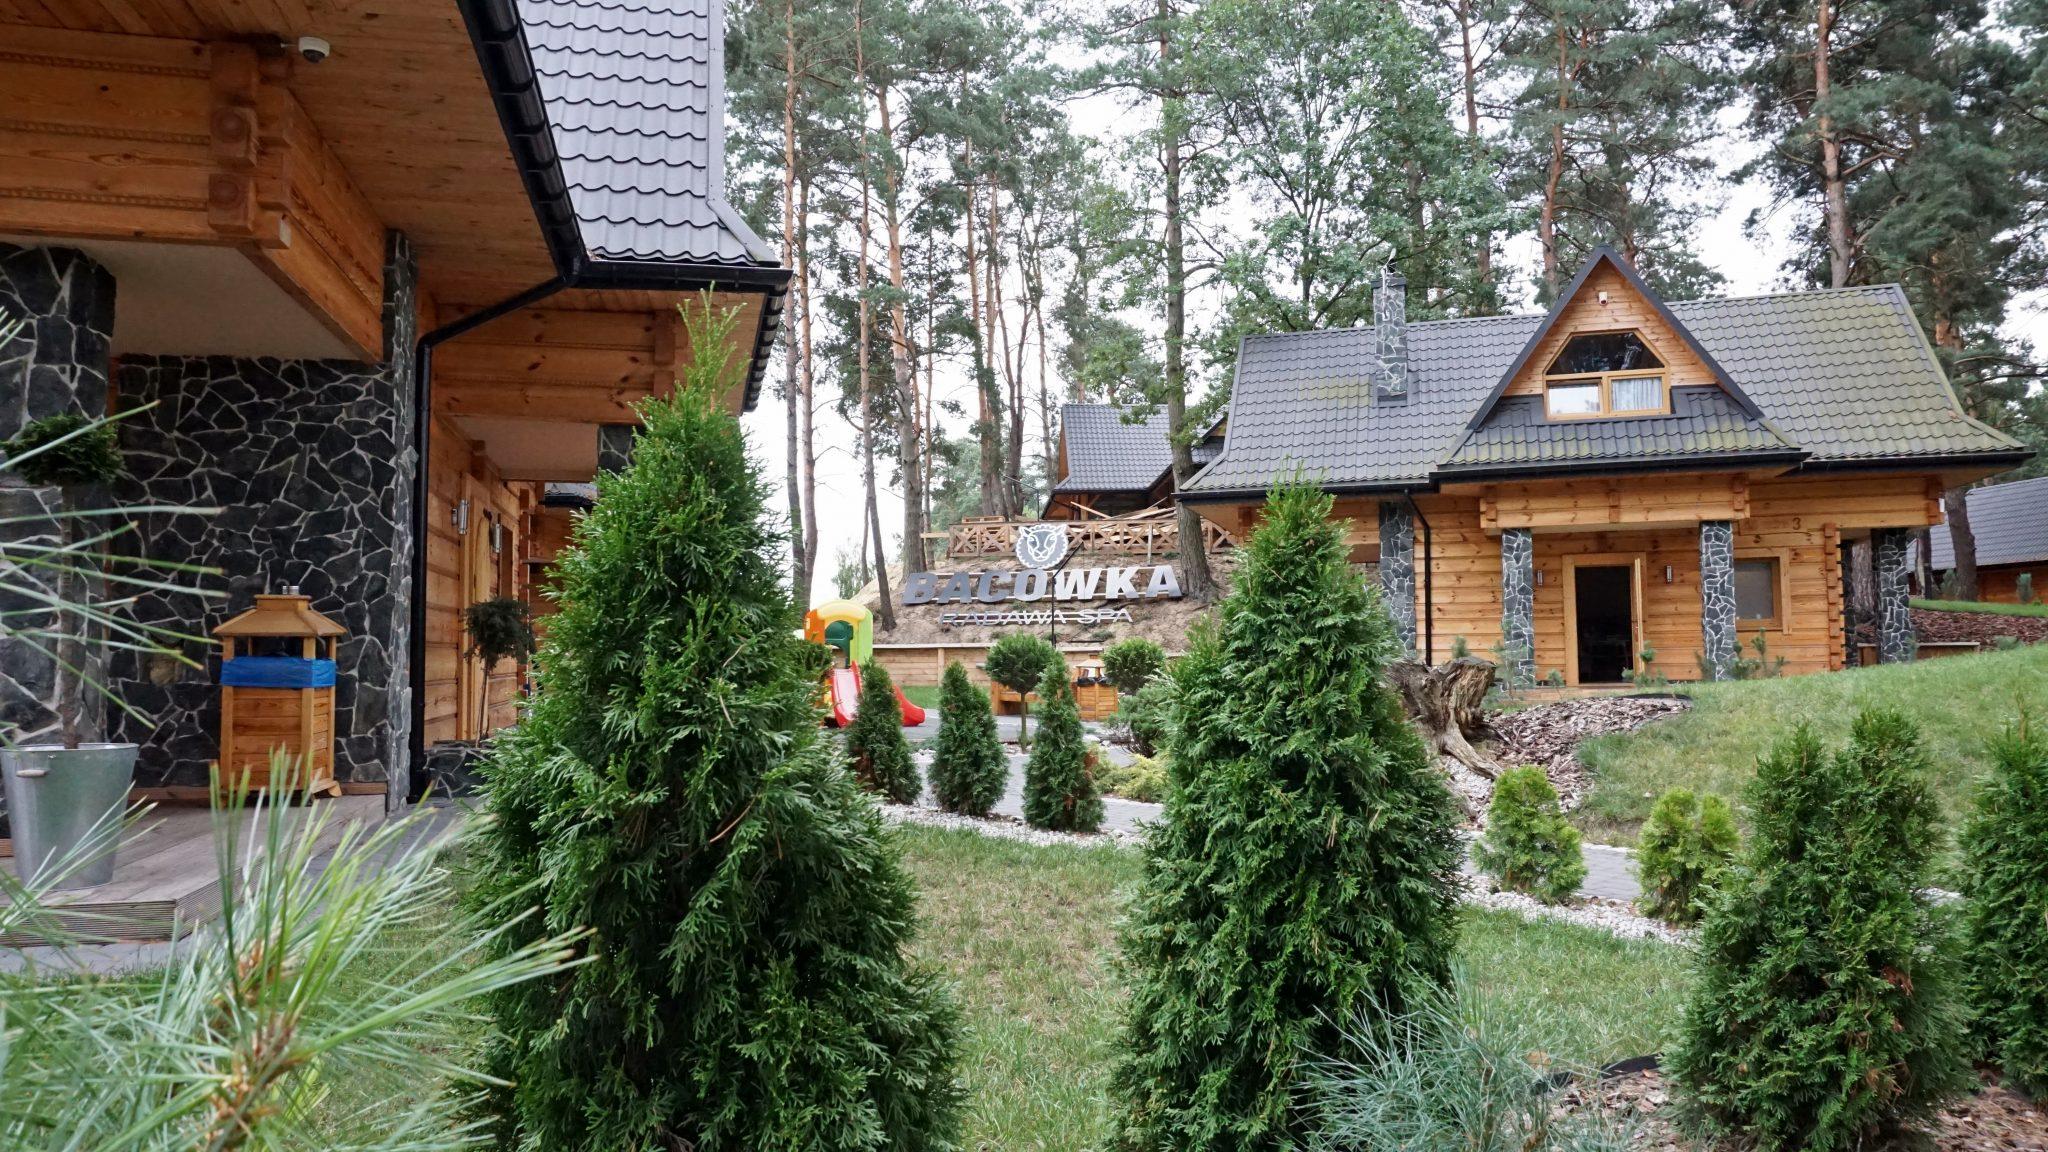 Bacówka Radawa drewniane góralskie domki, las. Haart.pl blog DIY